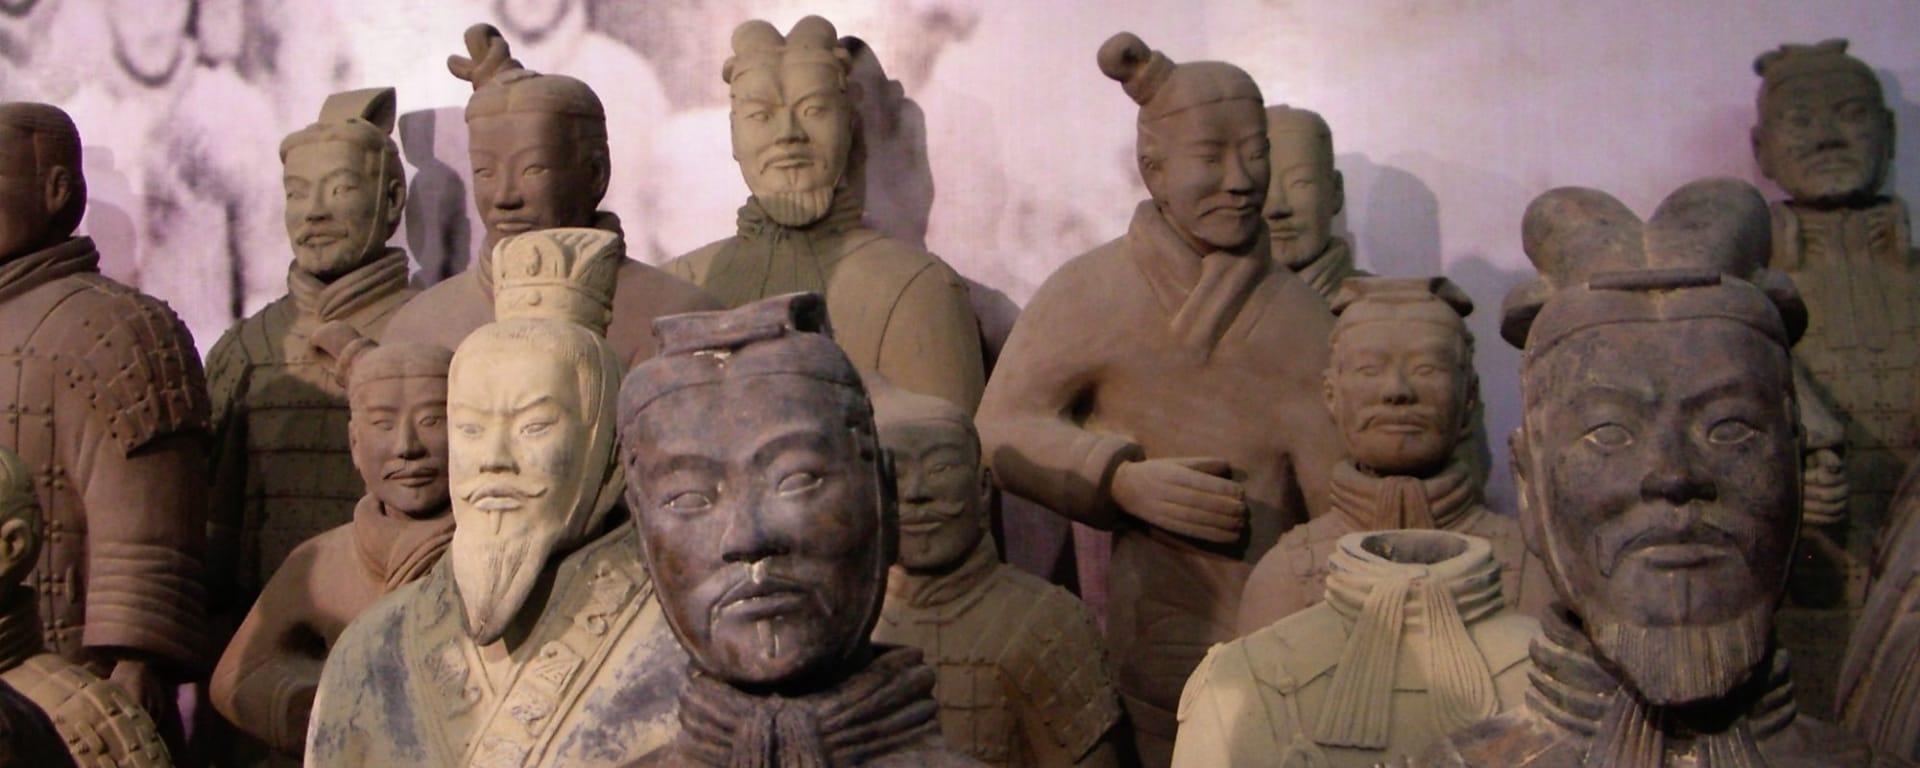 Les hauts lieux de la Chine de Pékin: Xian Terracotta Warriors